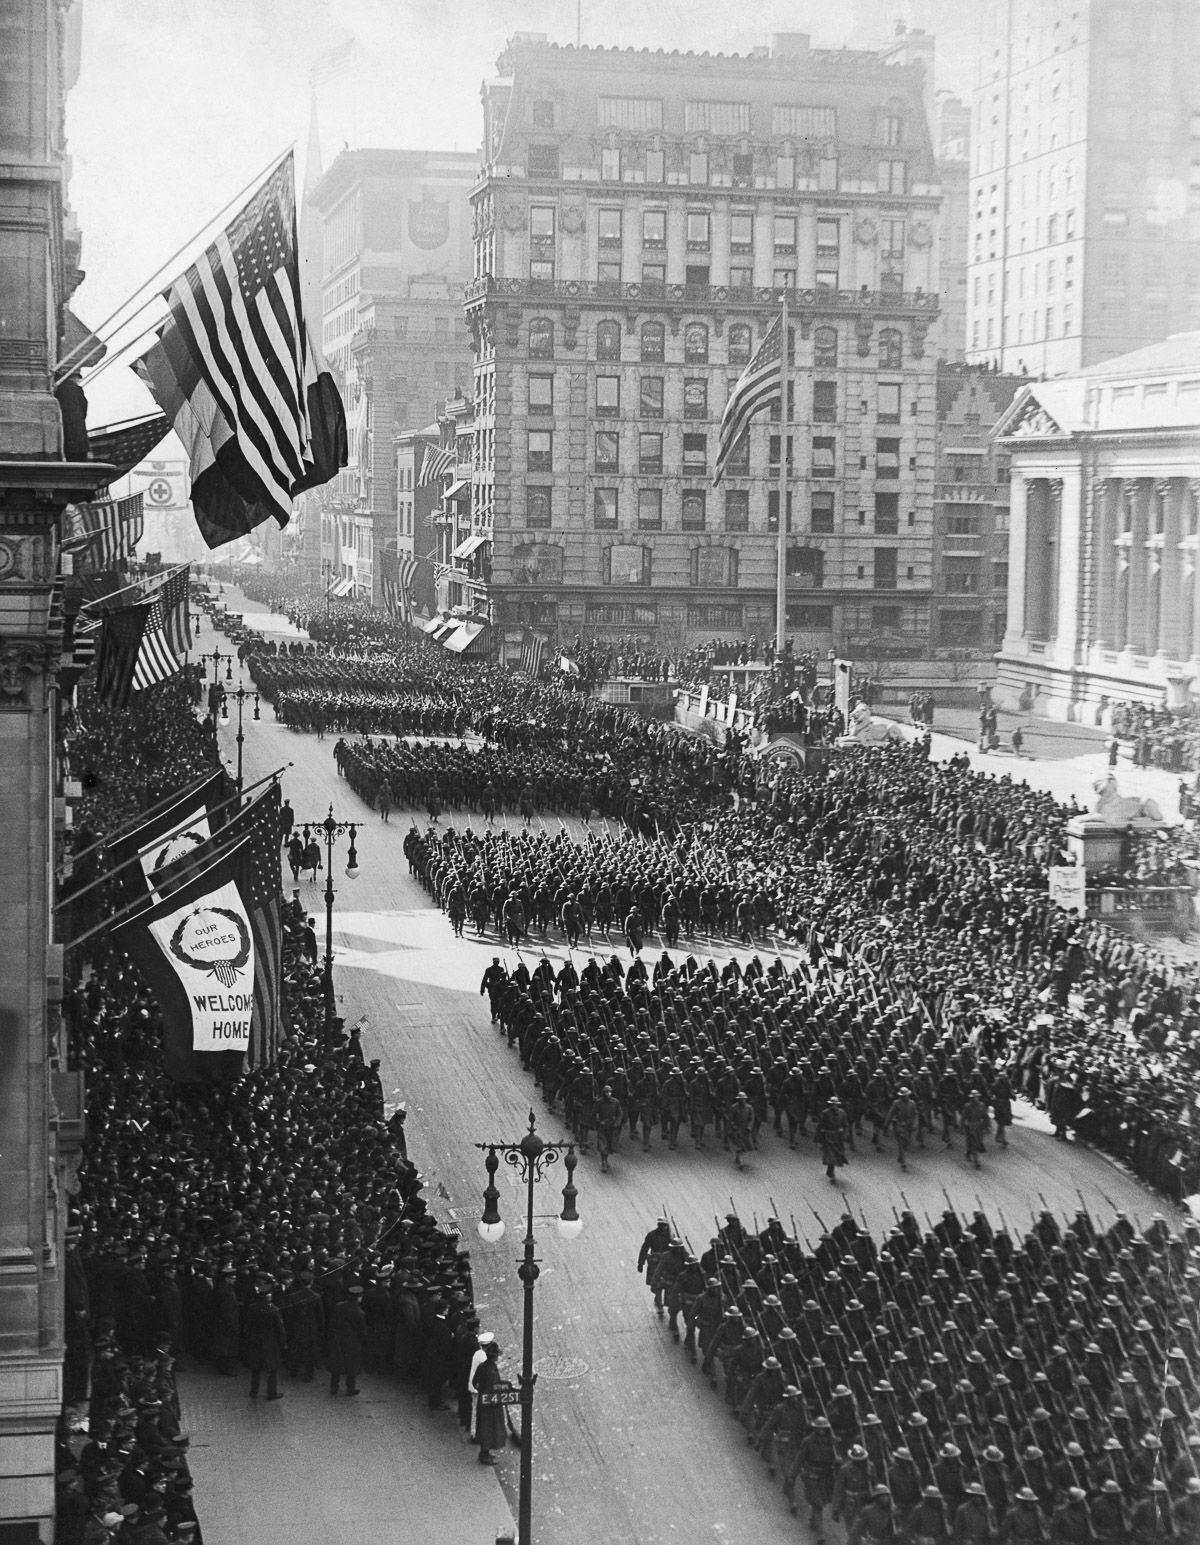 O regimento todo formado por negros na primeira guerra conhecido pela bravura apesar do preconceito 12